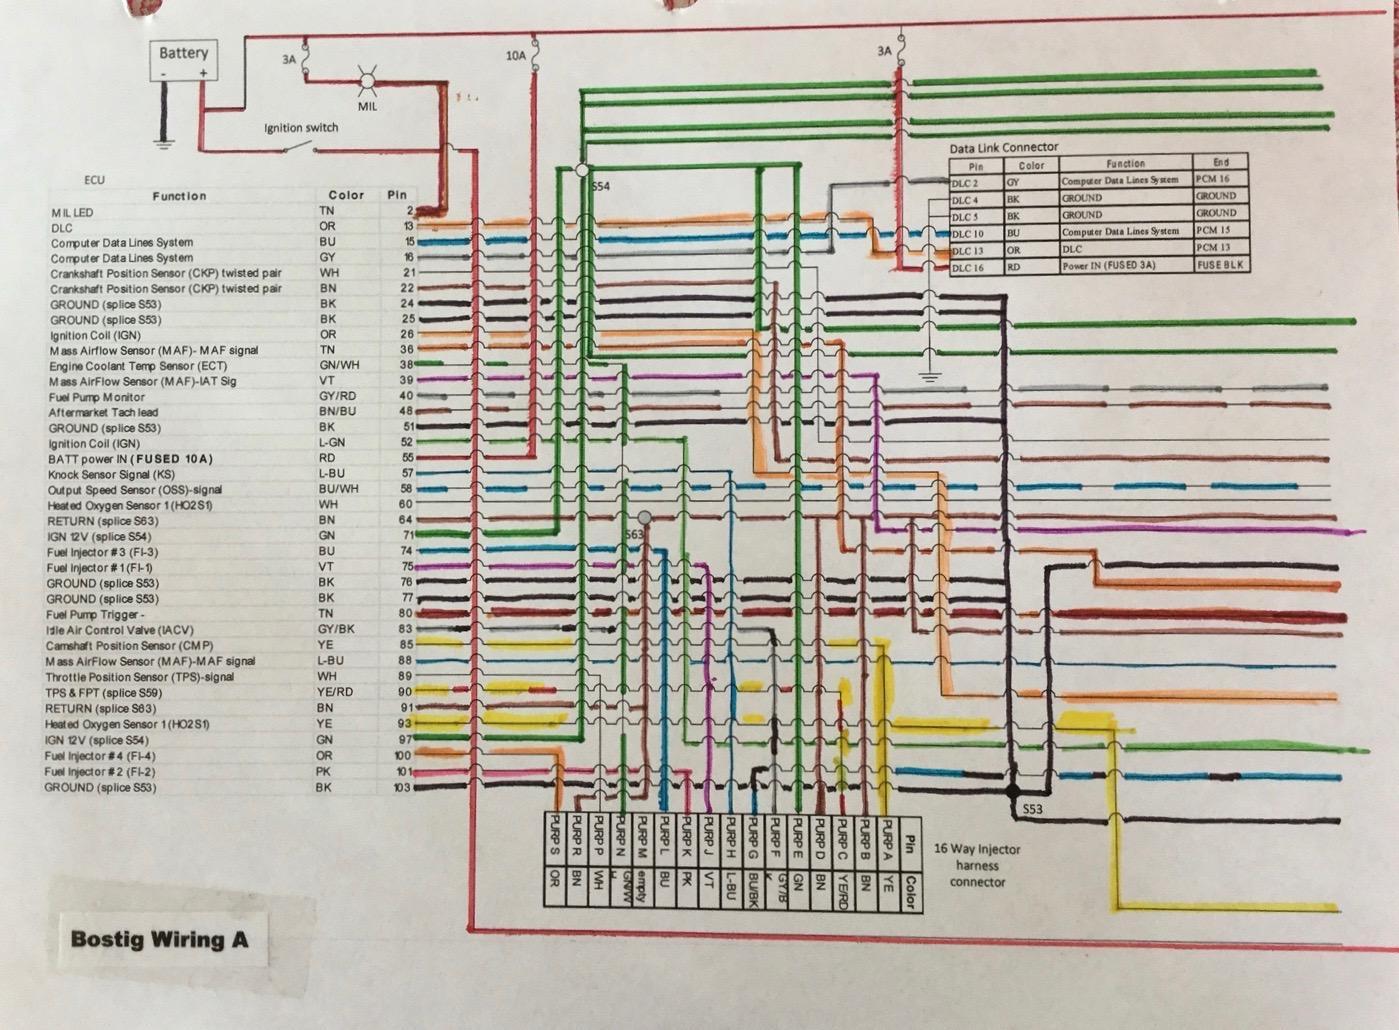 hight resolution of thesamba com vanagon view topic bostig wiring diagrams in color porsche wiring schematics porsche 911 wiring